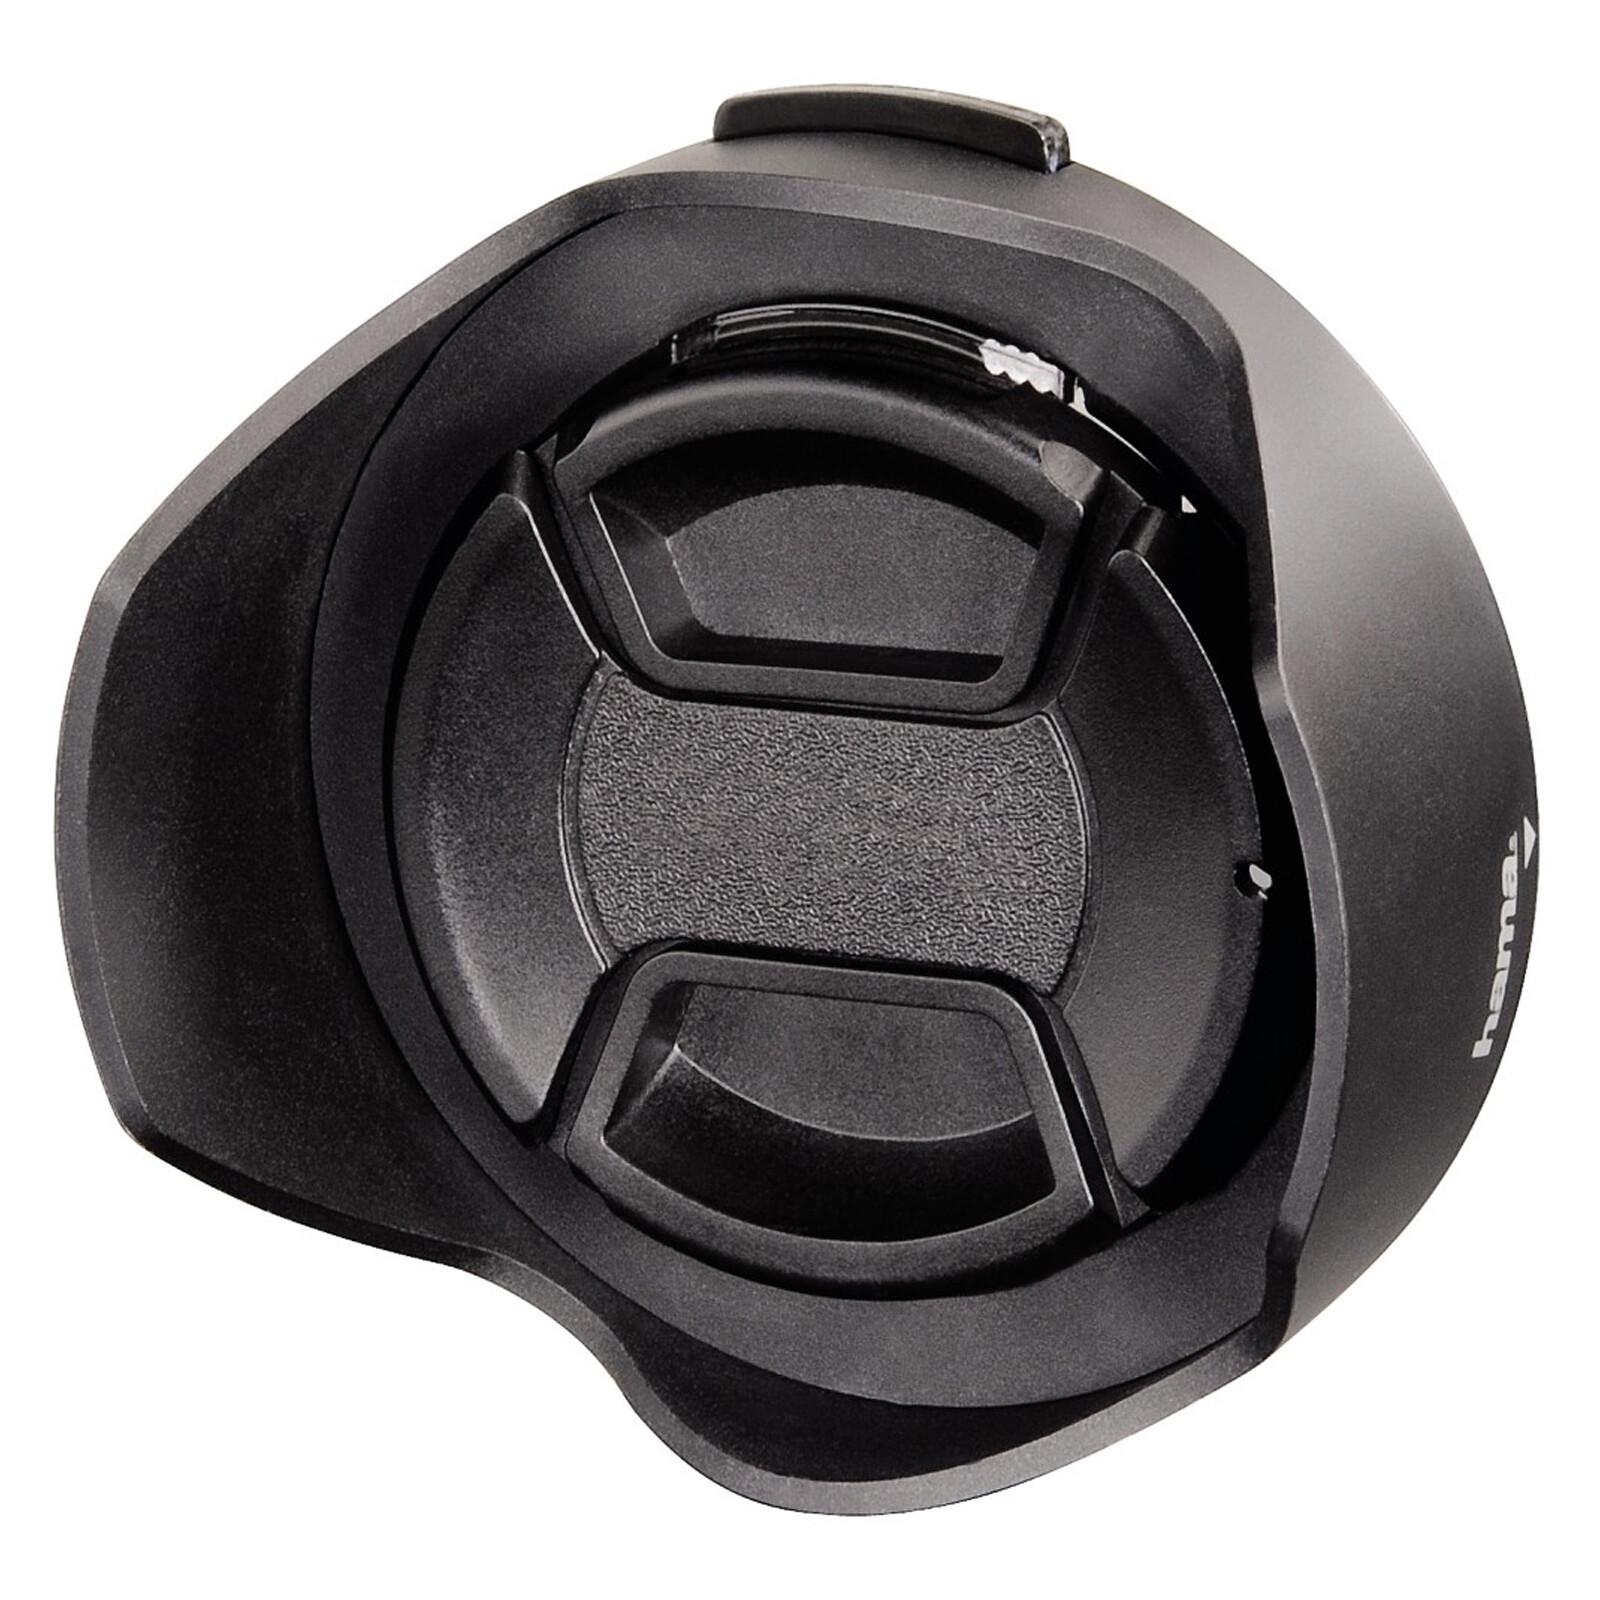 Hama 93662 Gegenlichtblende 62mm mit Objektivdeckel